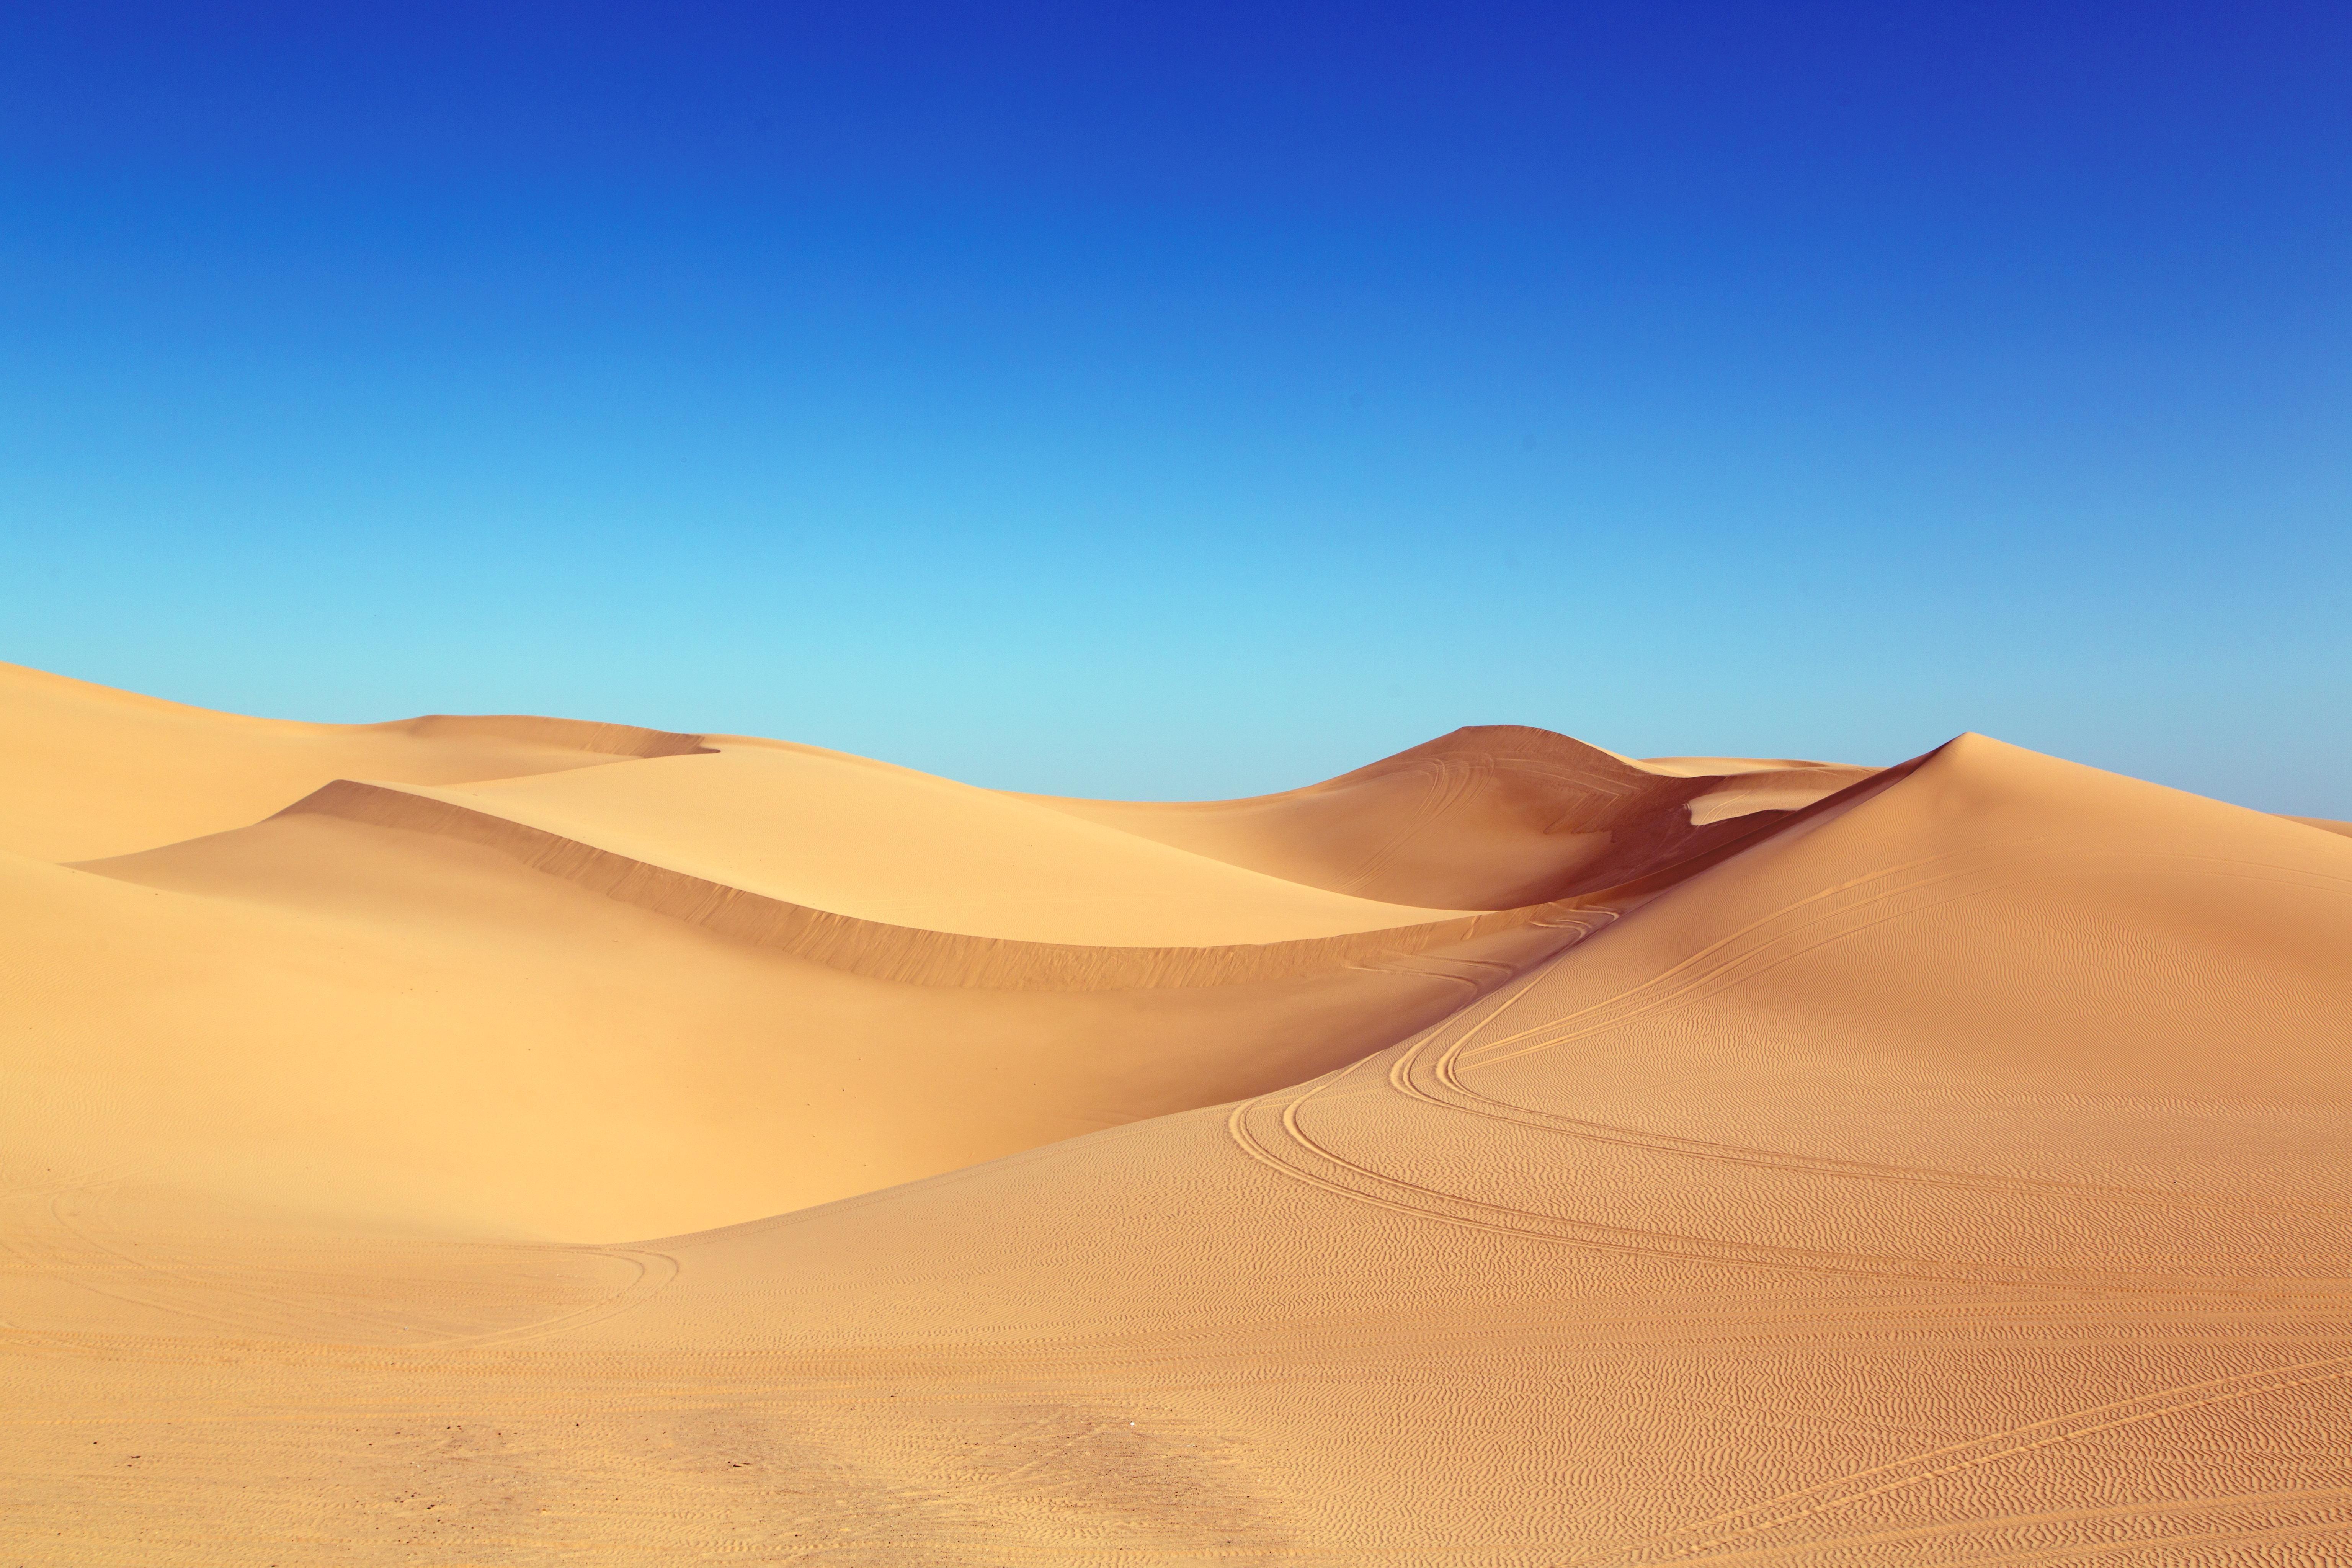 Фото пустыни в Калифорнии США - дюны Альгодон